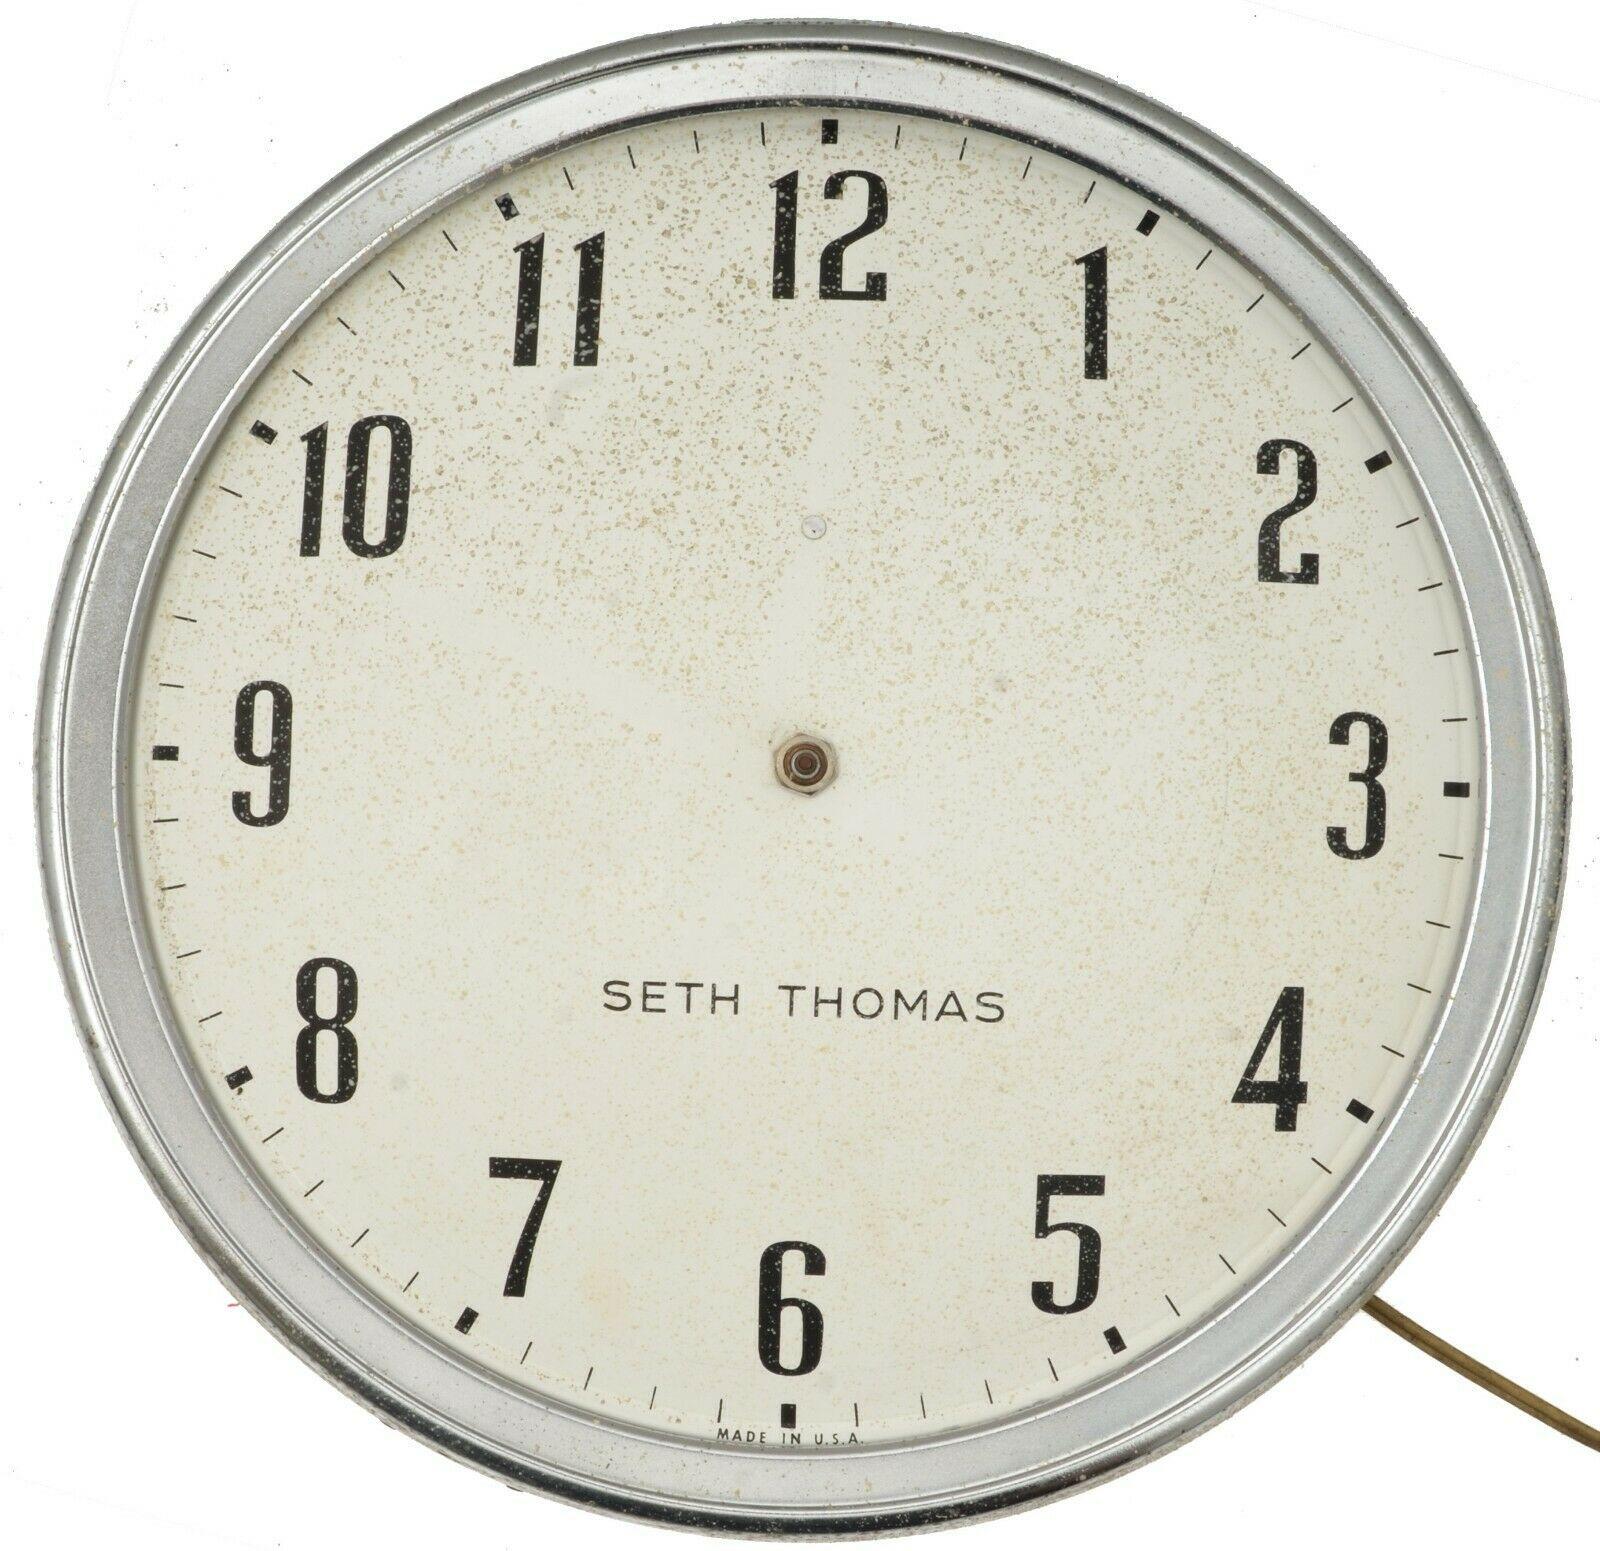 Seth Thomas Clock: 123 listings